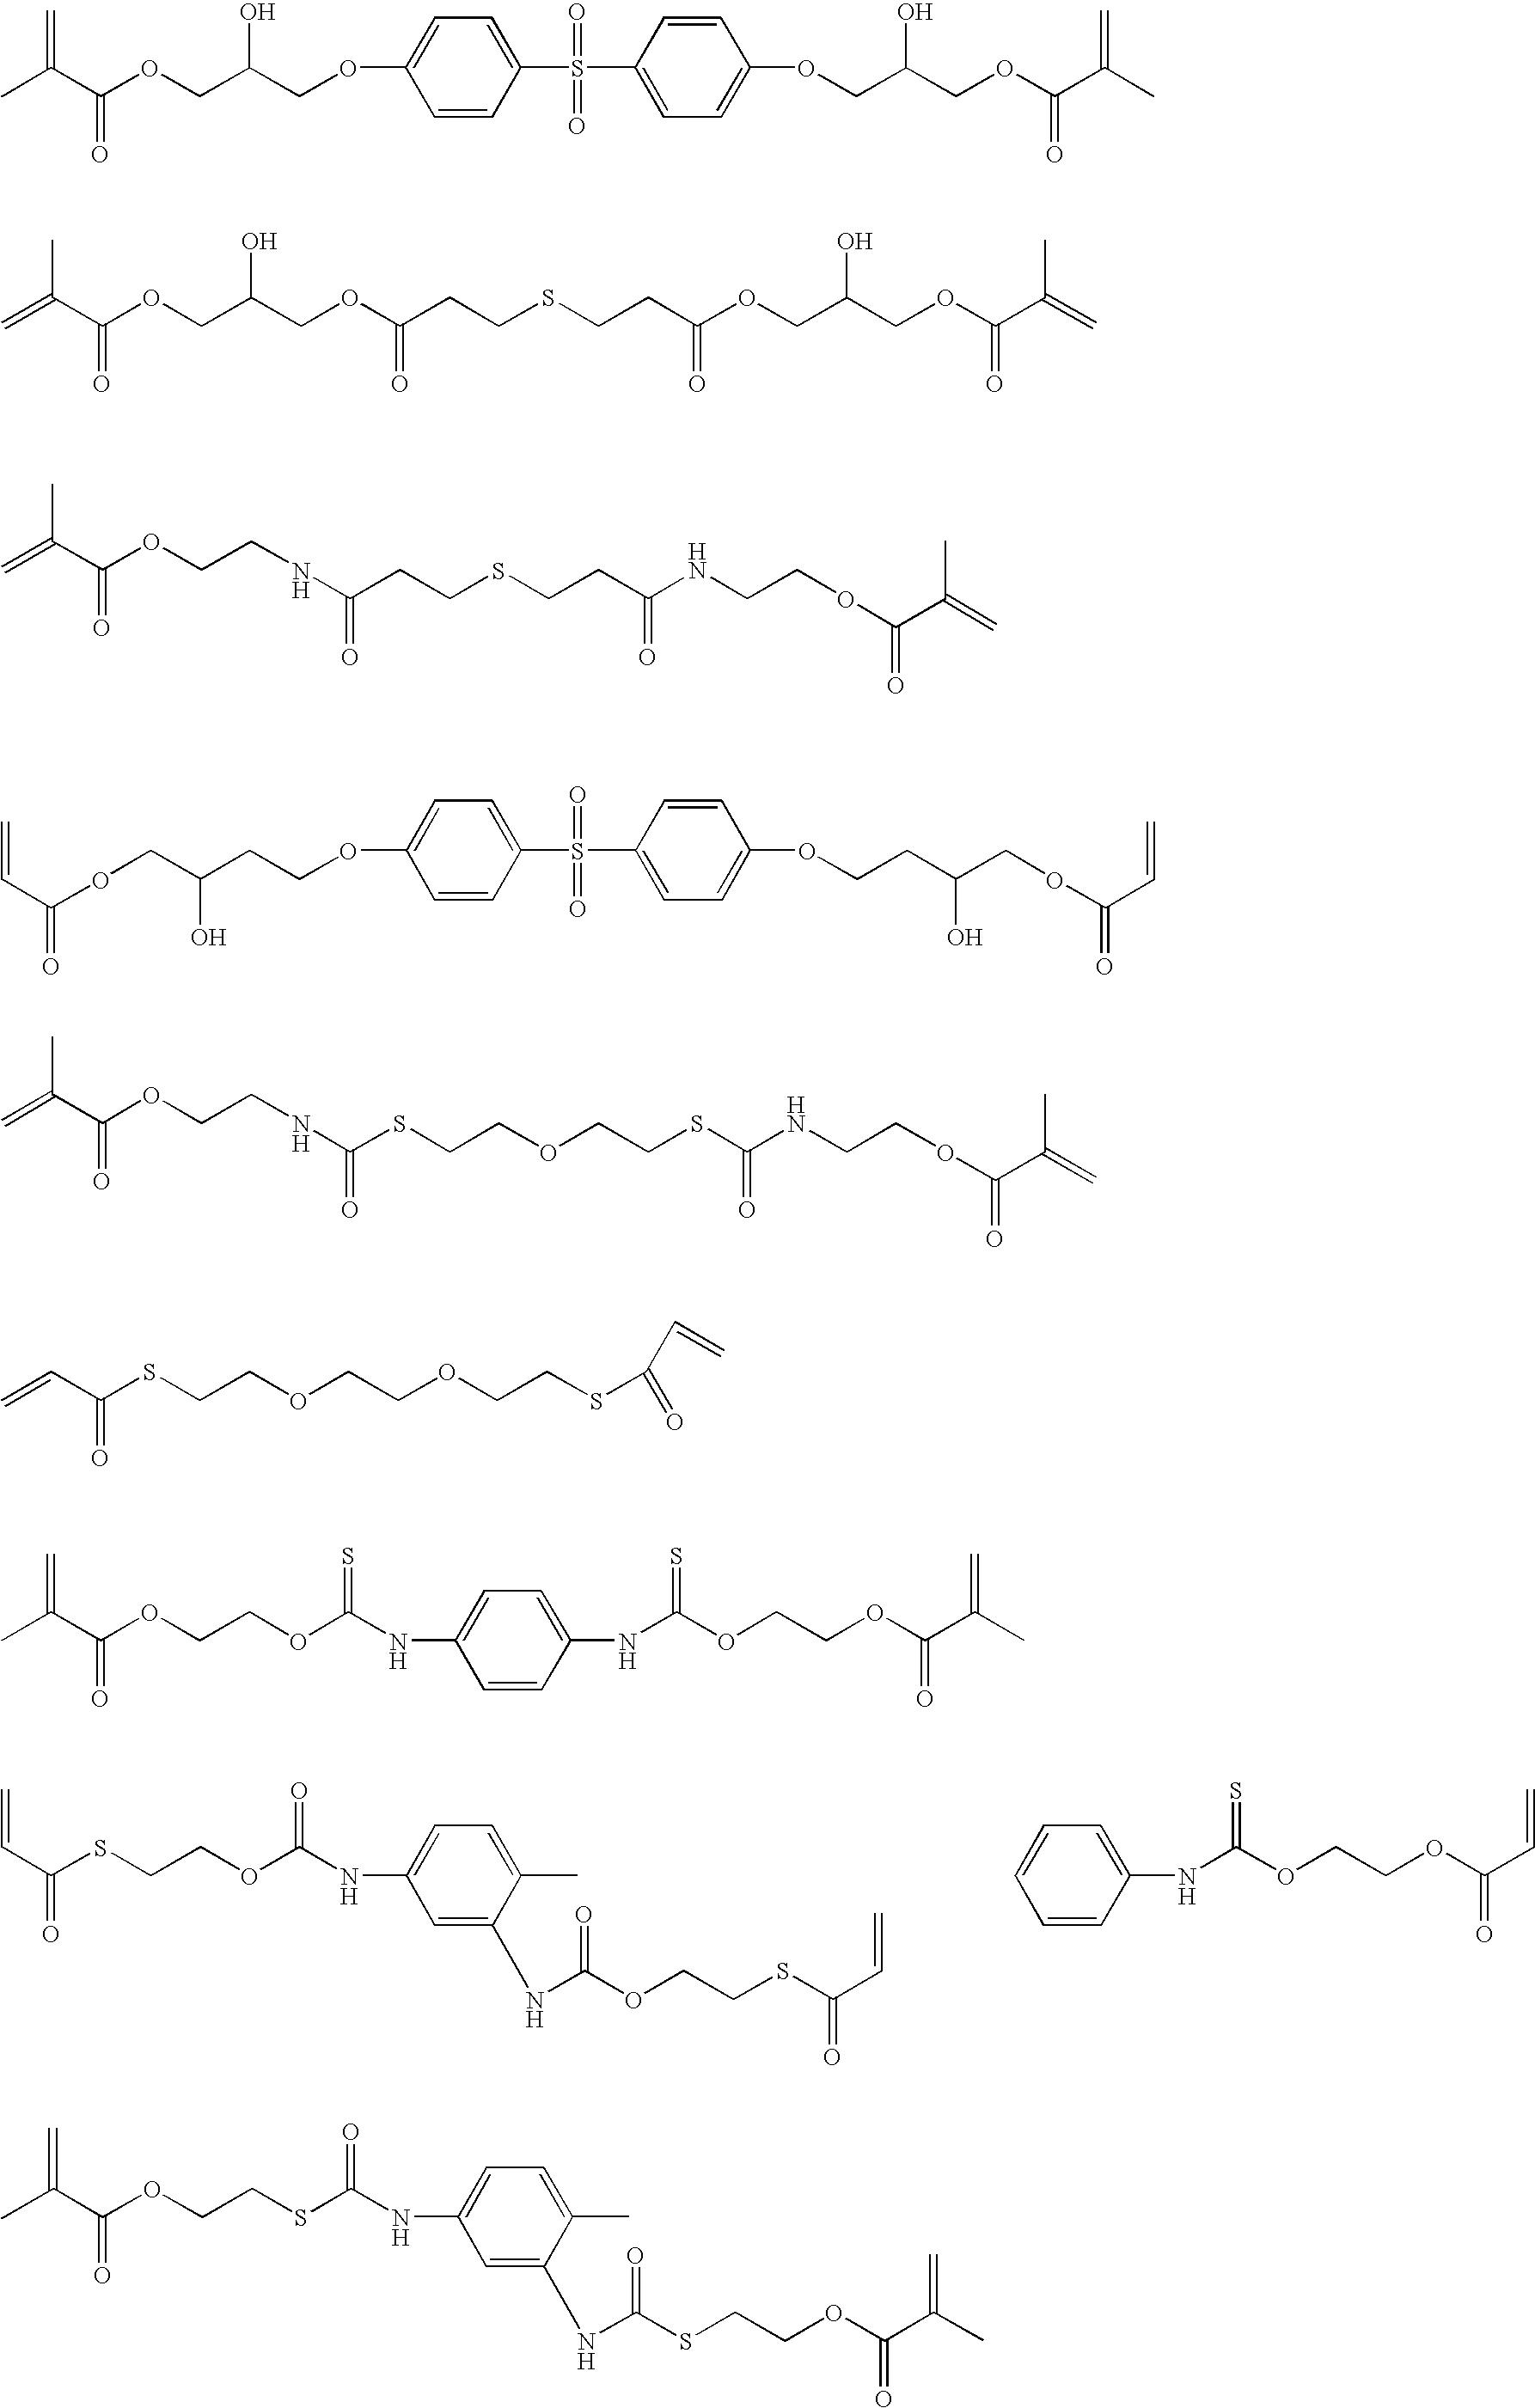 Figure US20090220753A1-20090903-C00004